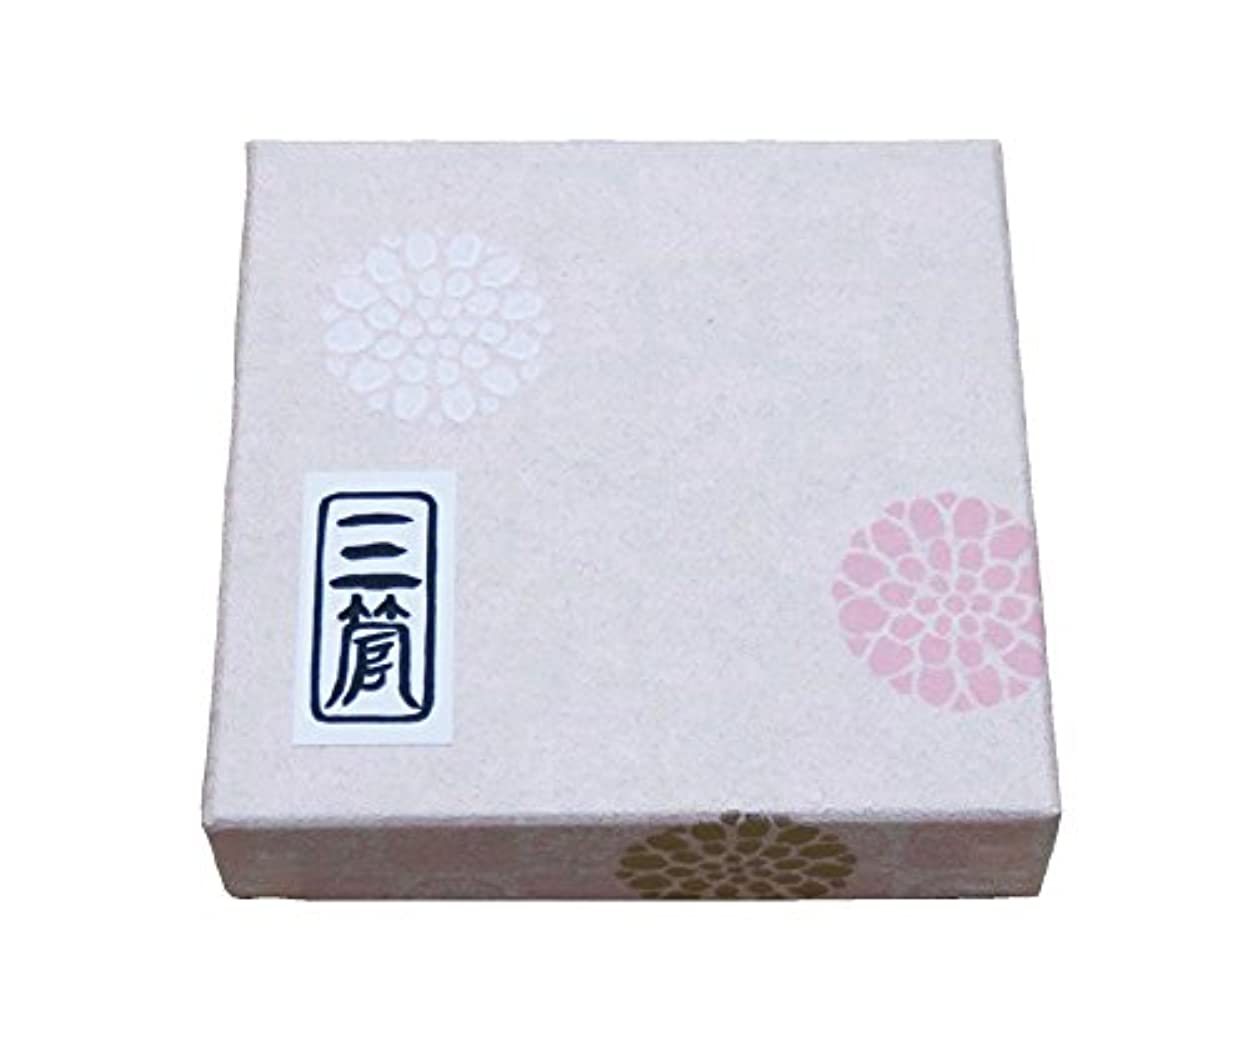 立派な一握り常識癒しのお香 <仏智香 三管セット 化粧箱入り> 三管3種類が楽しめます 奈良のお香屋あーく煌々(きらら)